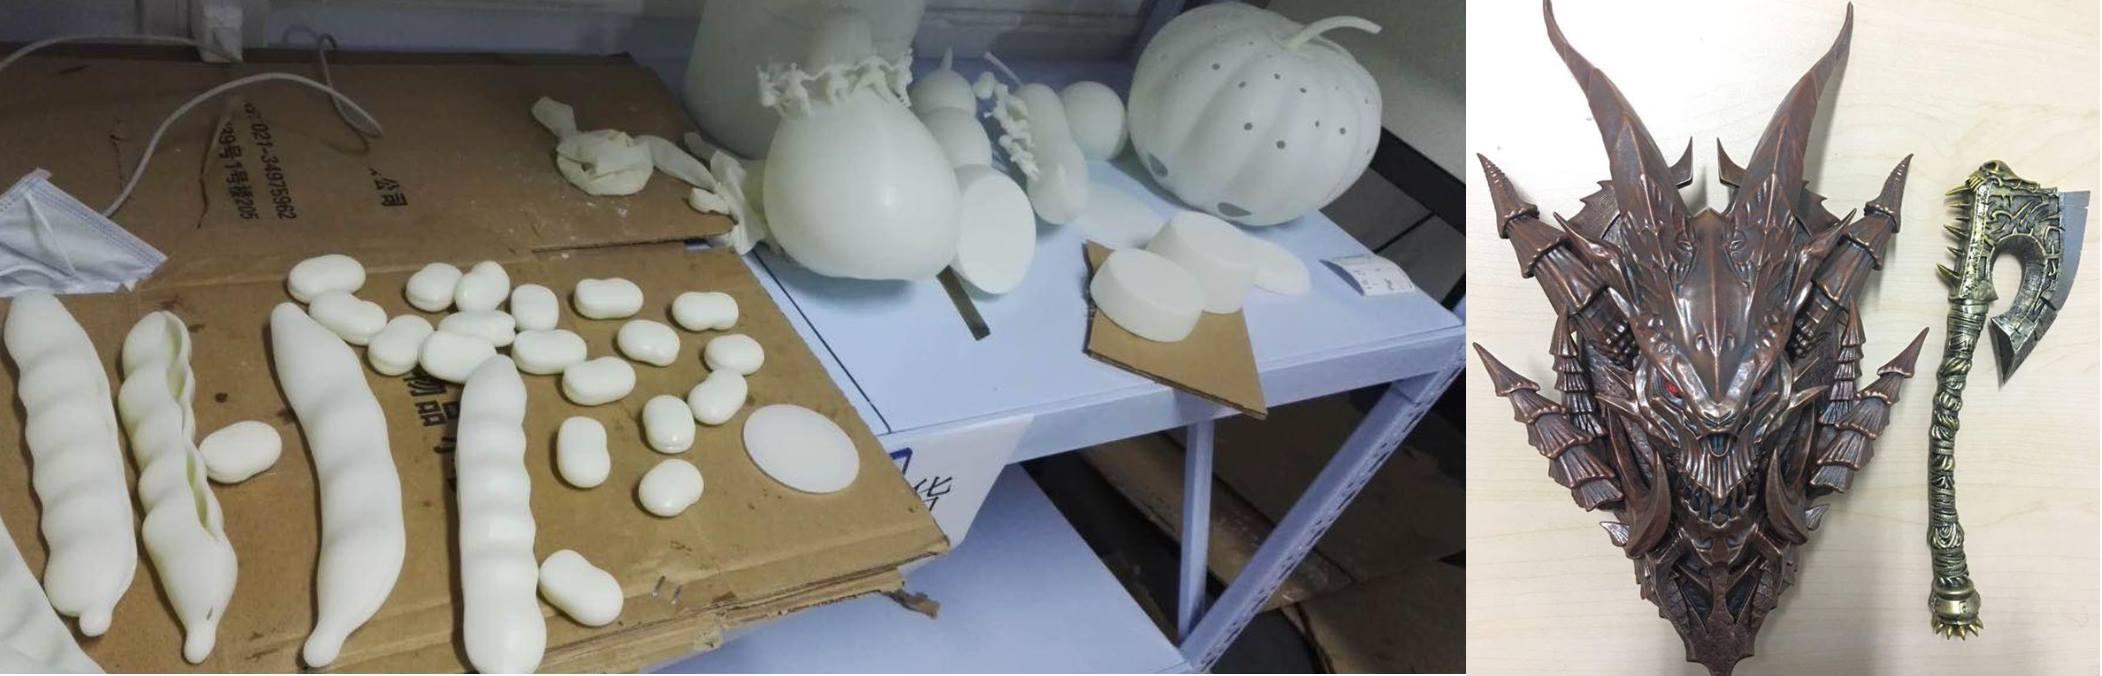 Dịch vụ in 3D SLA khổ lớn, sản phẩm in 3D siêu mịn. Dịch vụ có tại Hồ Chí Minh, Hà Nội, Đà Nẵng...chuyển hàng đi các tỉnh. Dịch vụ in 3D SLA khổ lớn đang...